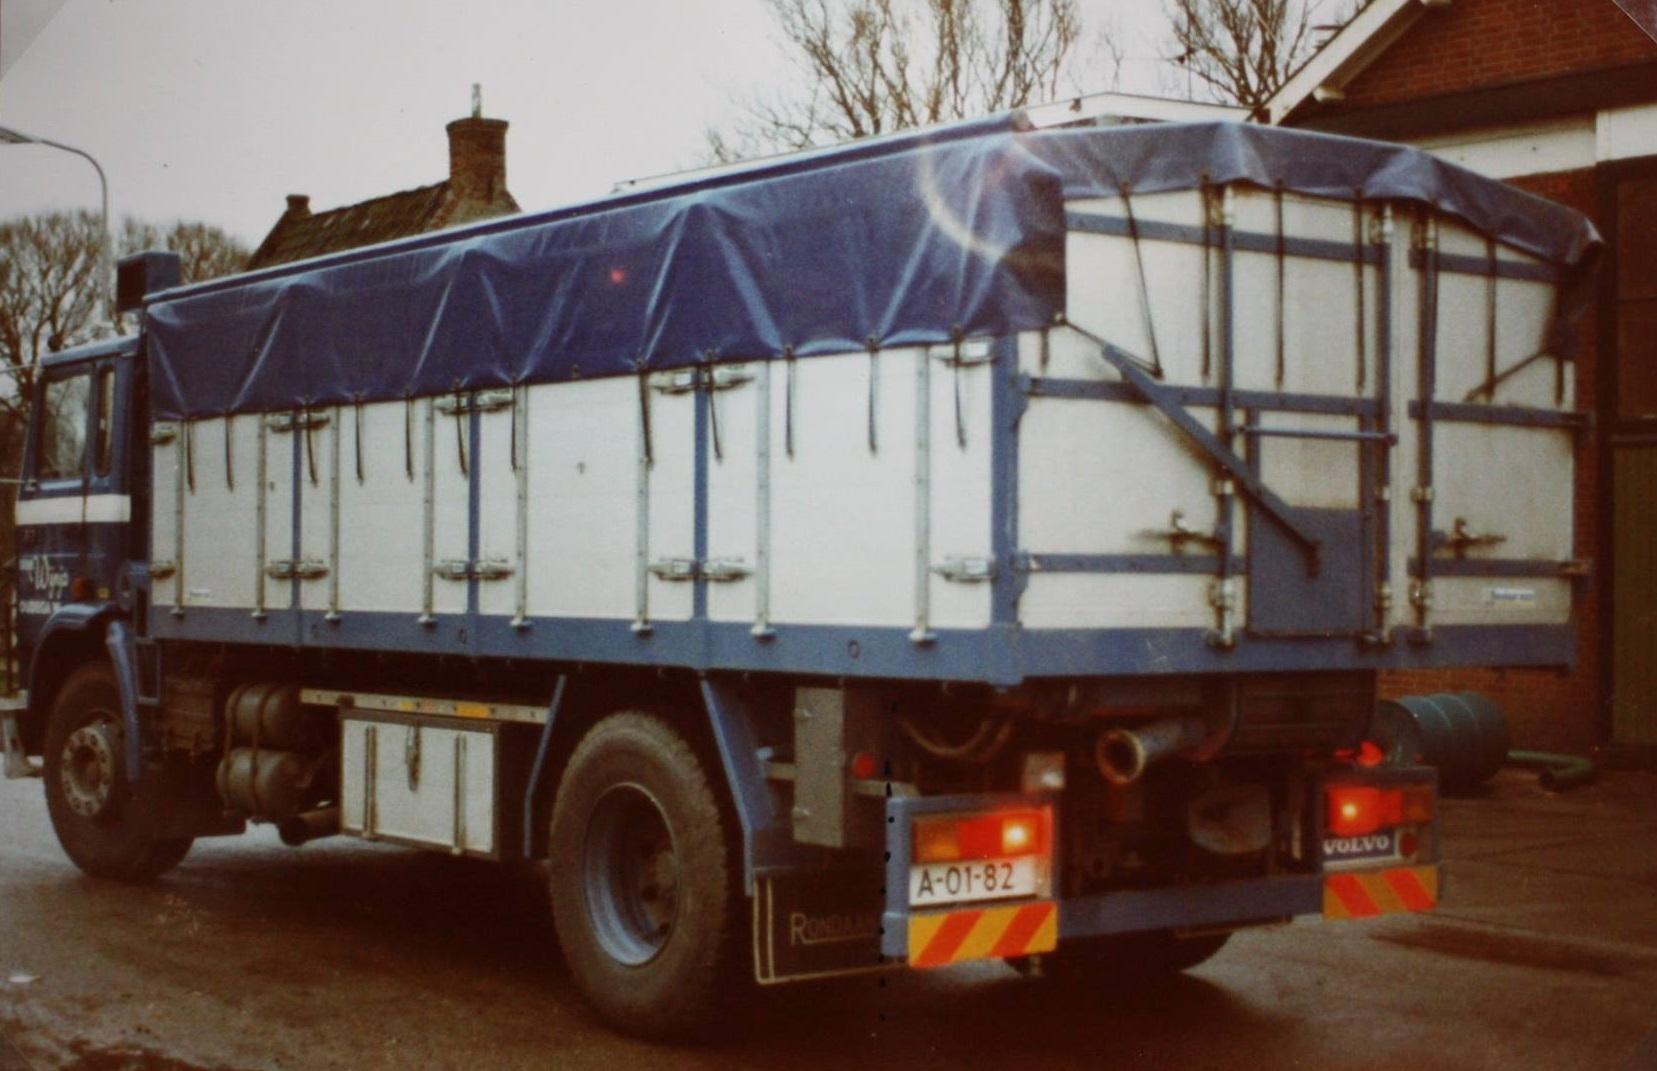 Volvo-bulkwagen-opgebouwd-door-Rondaan-voor-Wijnja-uit-Oudega-1